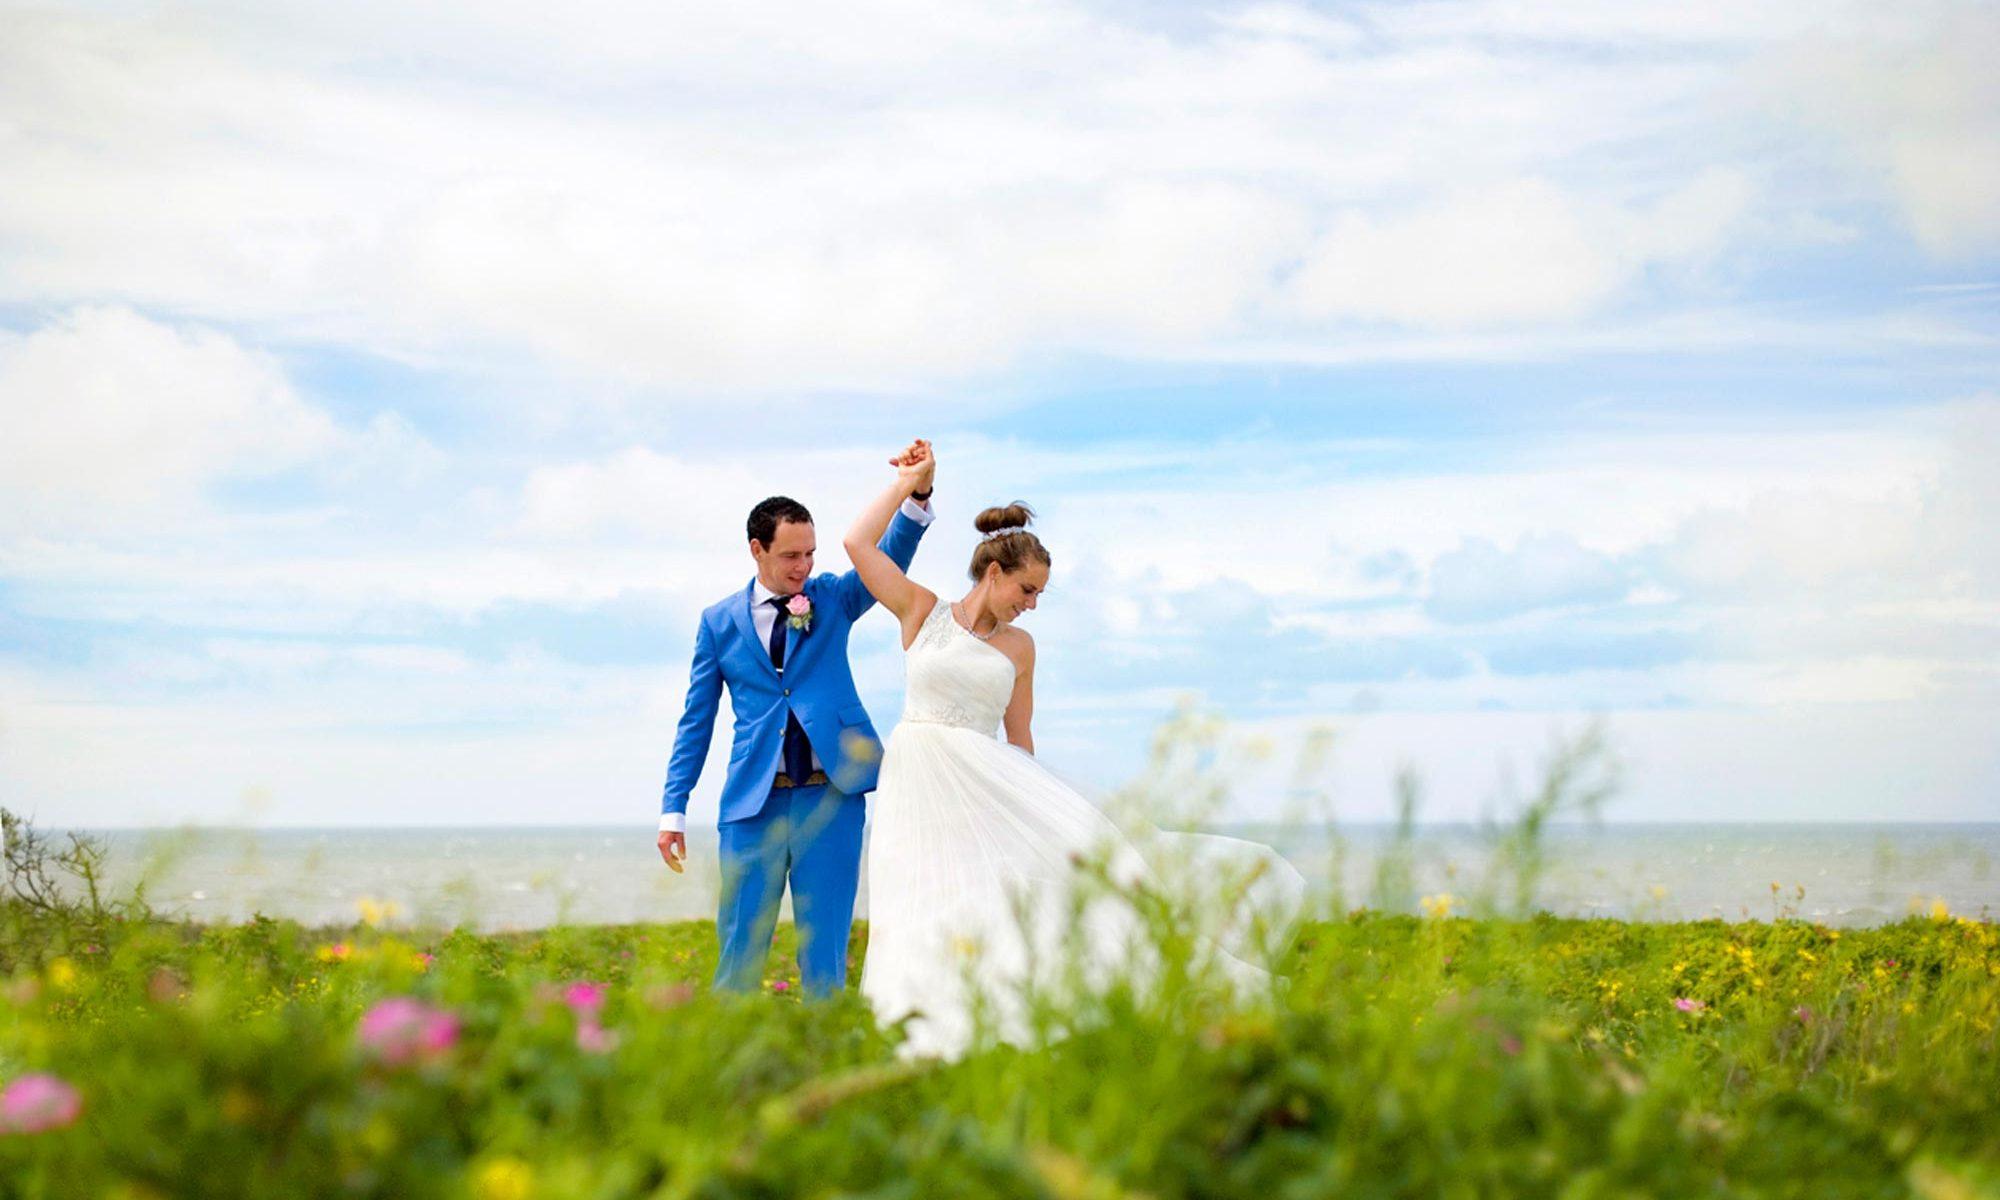 professionele trouwfotograaf bruidsreportage duinen Scheveningen